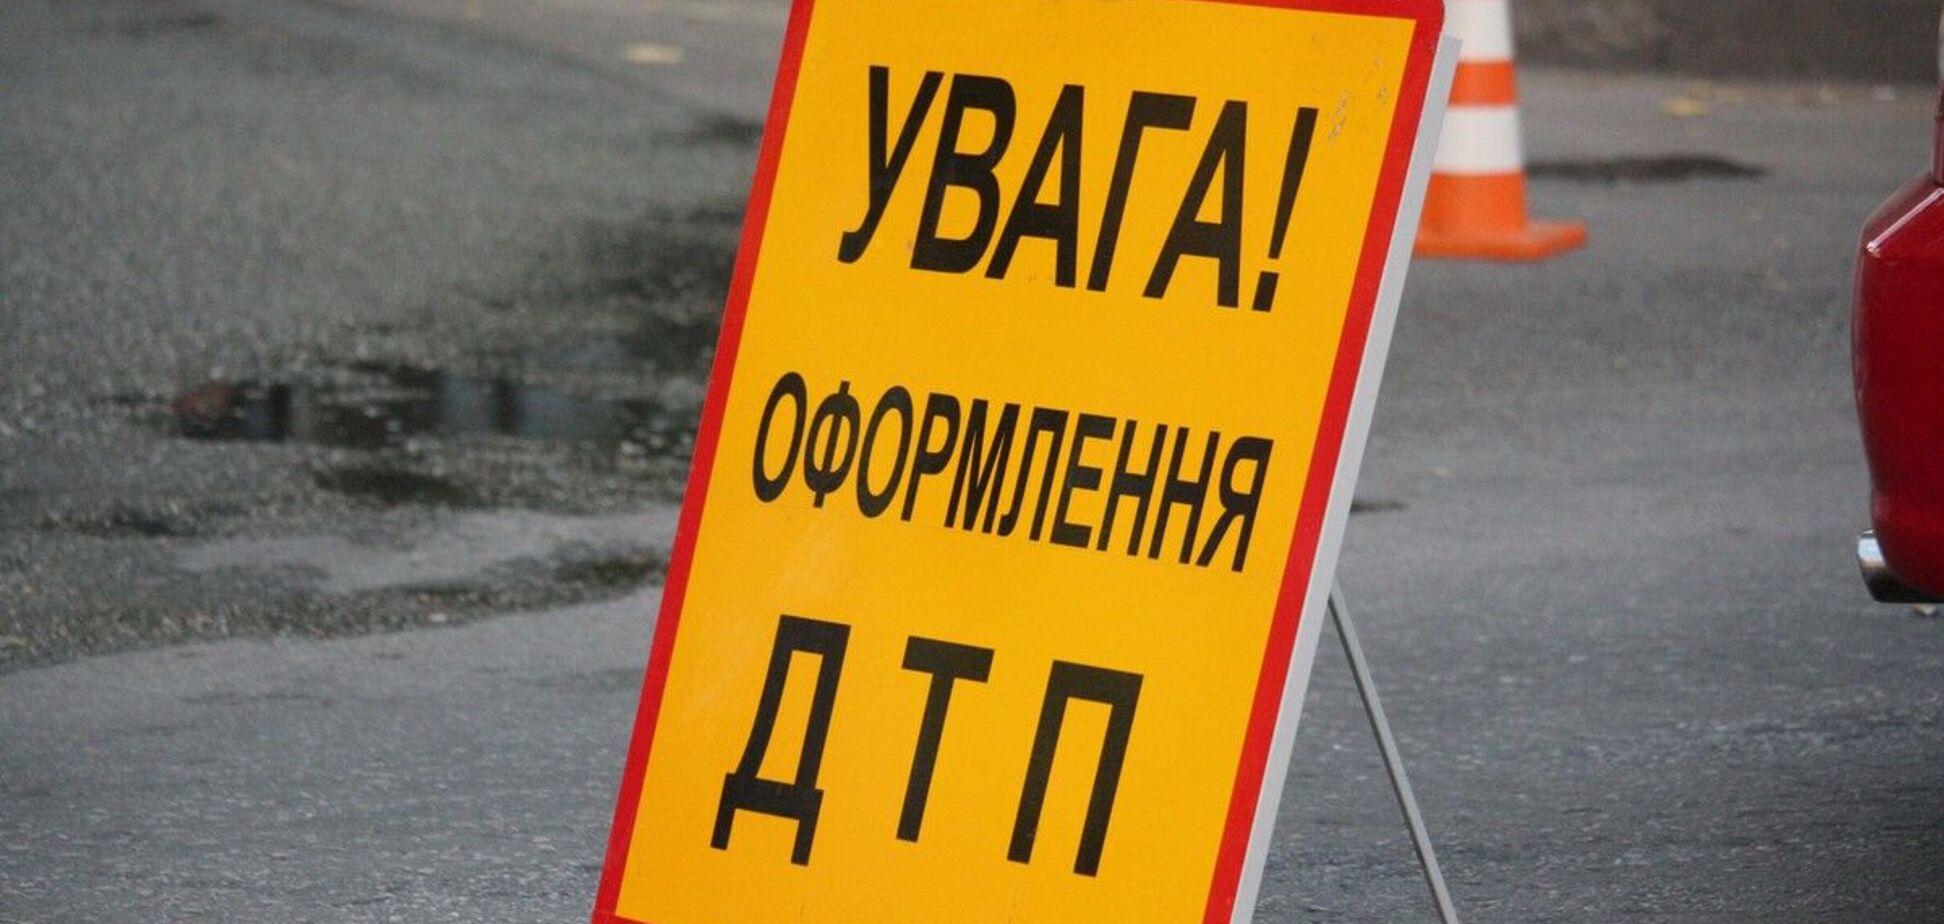 Під Дніпром через зіткнення скутера та легковика постраждала жінка. Фото